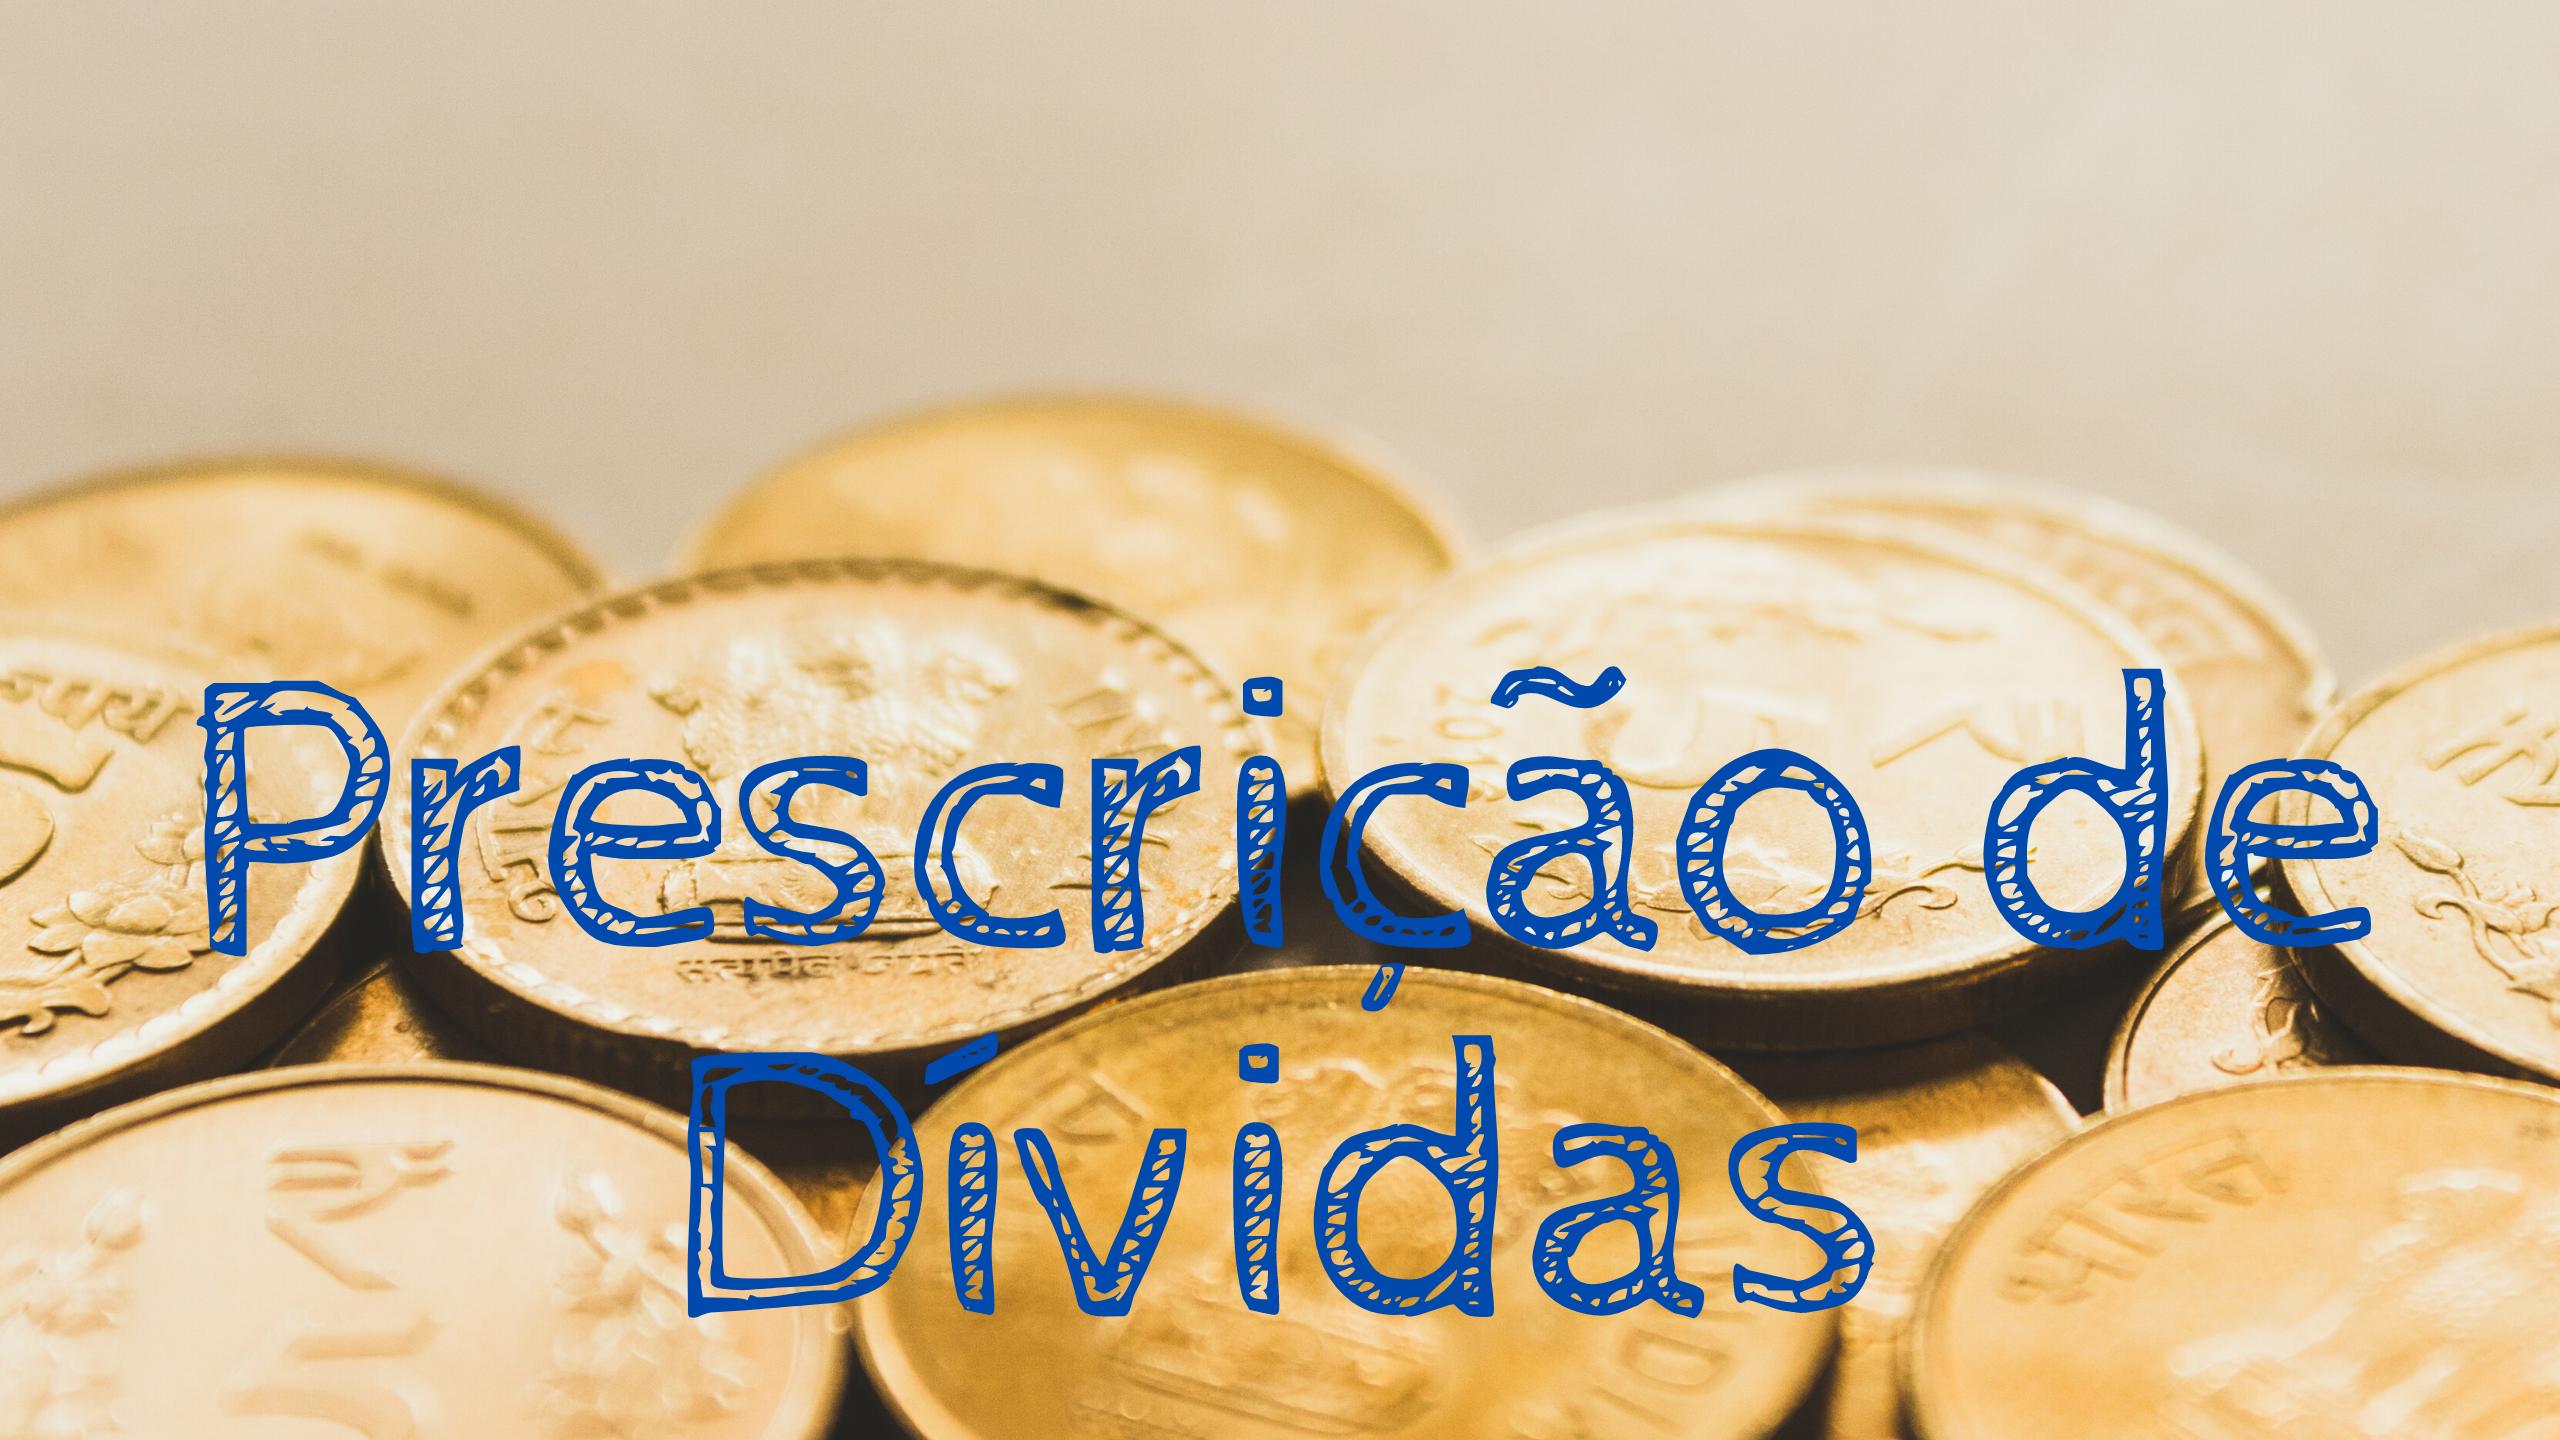 José da Silva Lopes Advogados